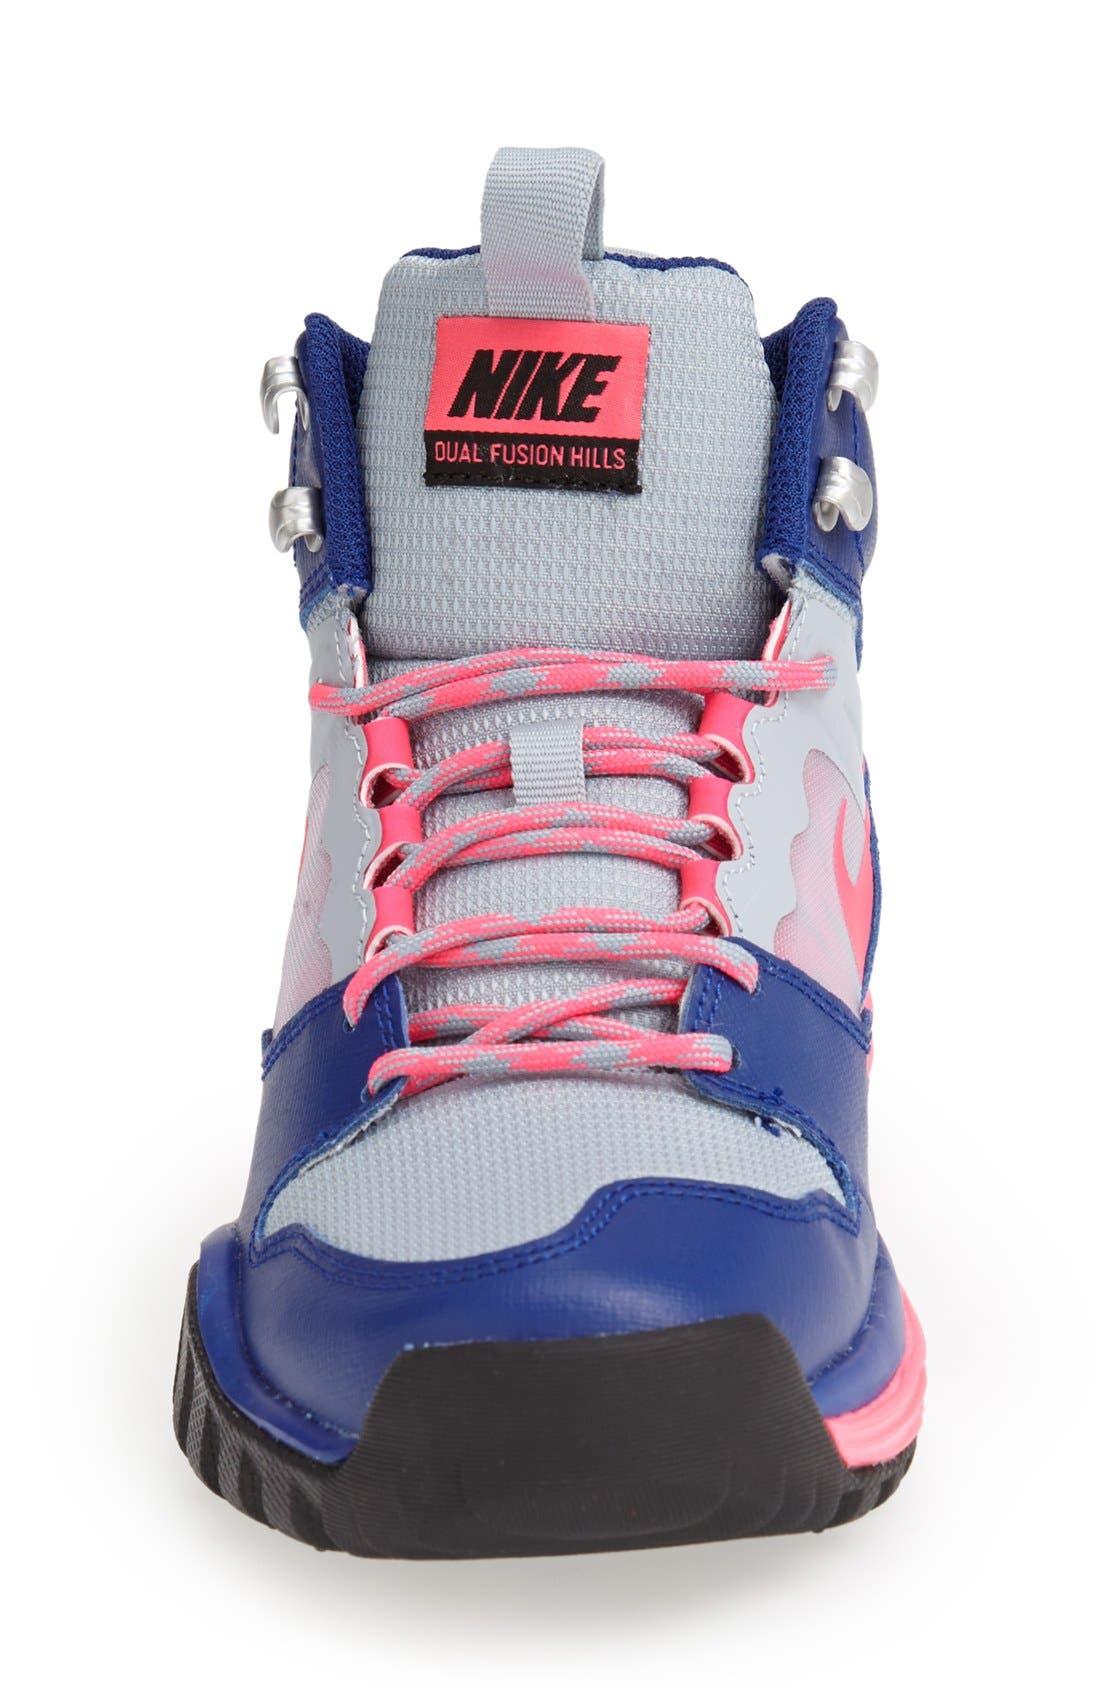 Alternate Image 3  - Nike 'Dual Fusion Hills Mid' Walking Shoe (Women)